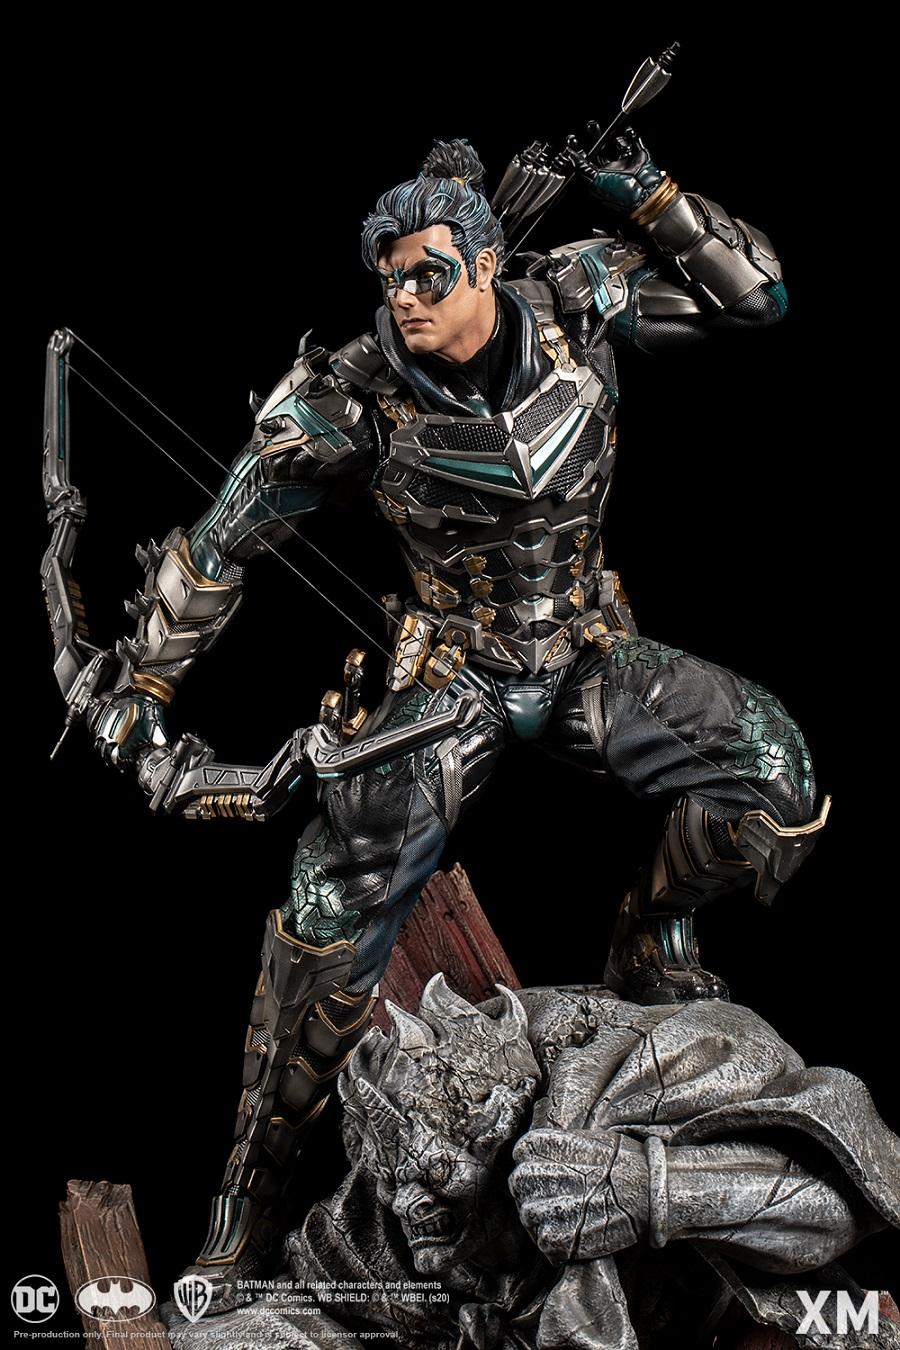 Link a Nightwing_XM_Studios_Batman_DC_Comics-1